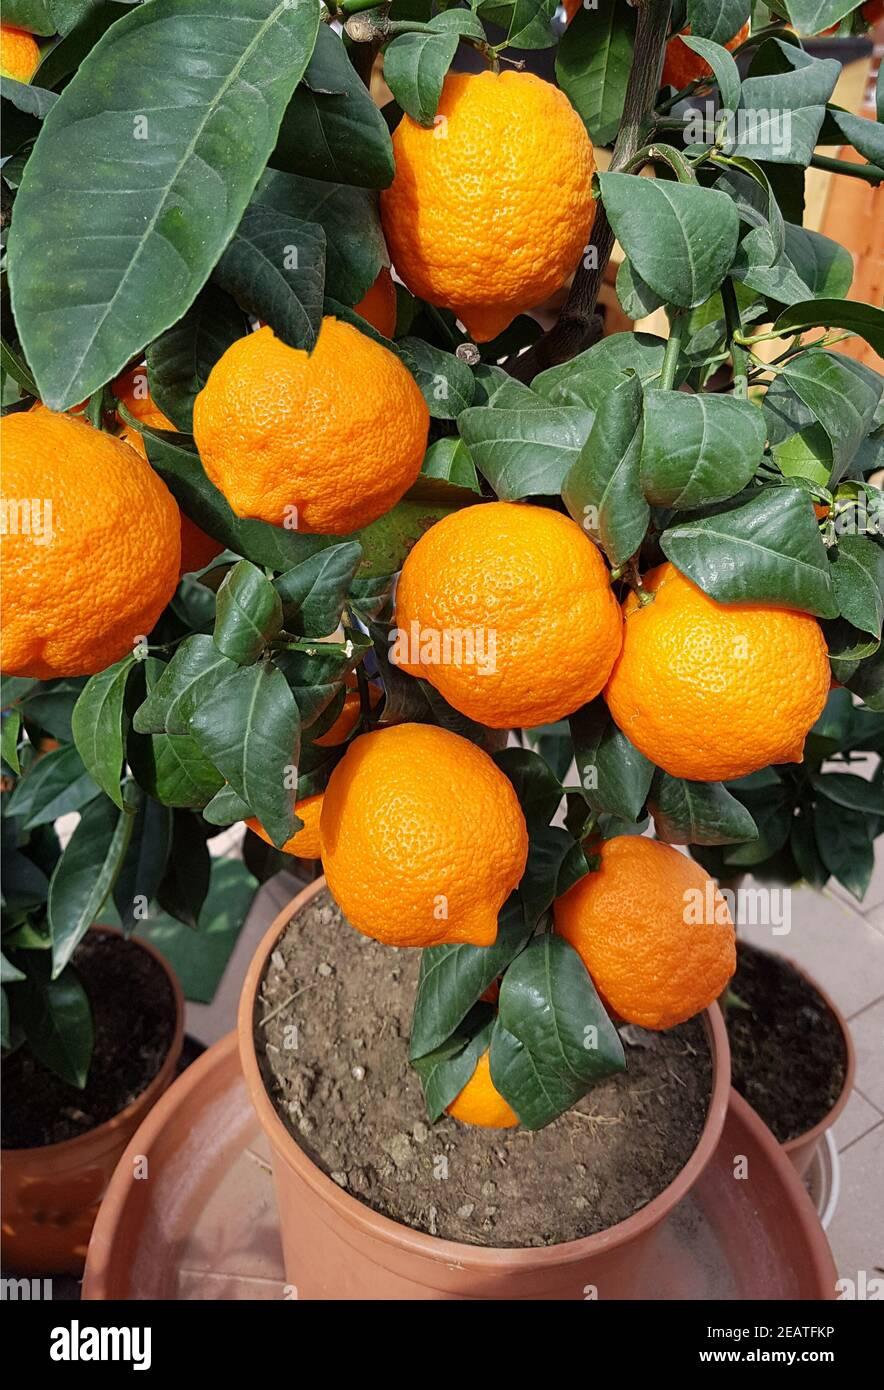 Zitrone Limone, Rosso, rot, Citrus limon Stockfoto